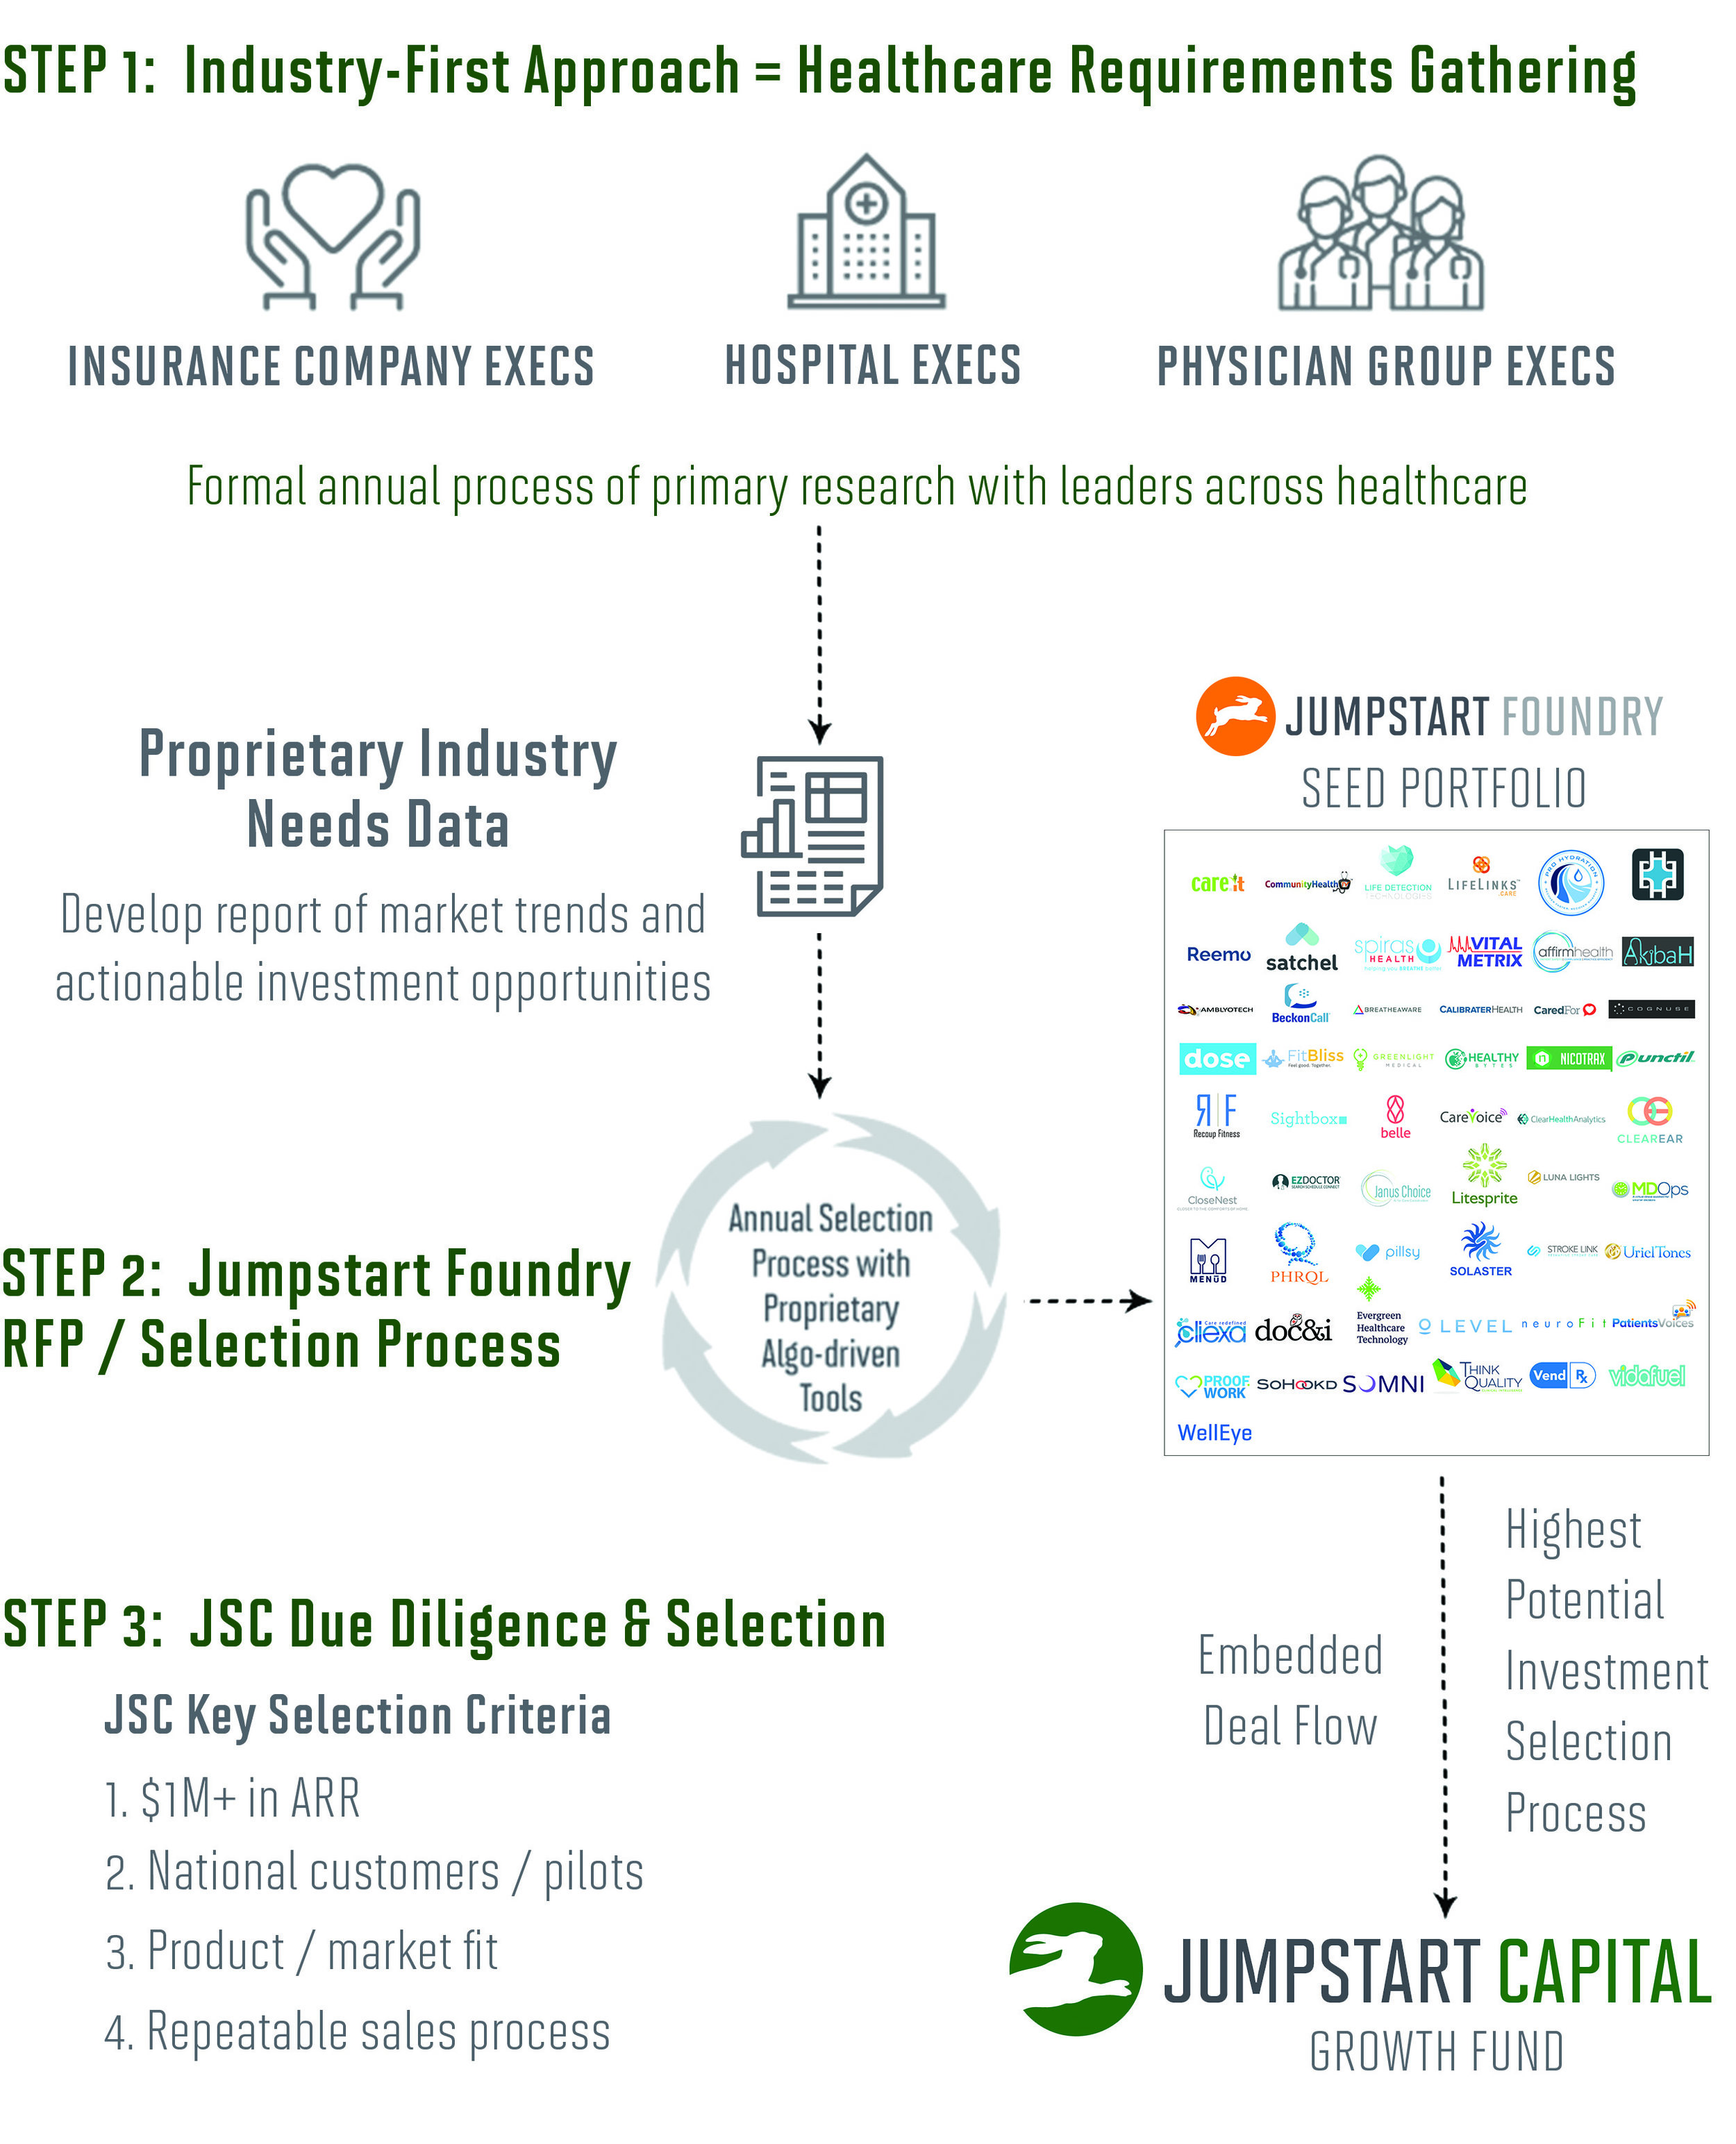 jsc new new infographic.jpg